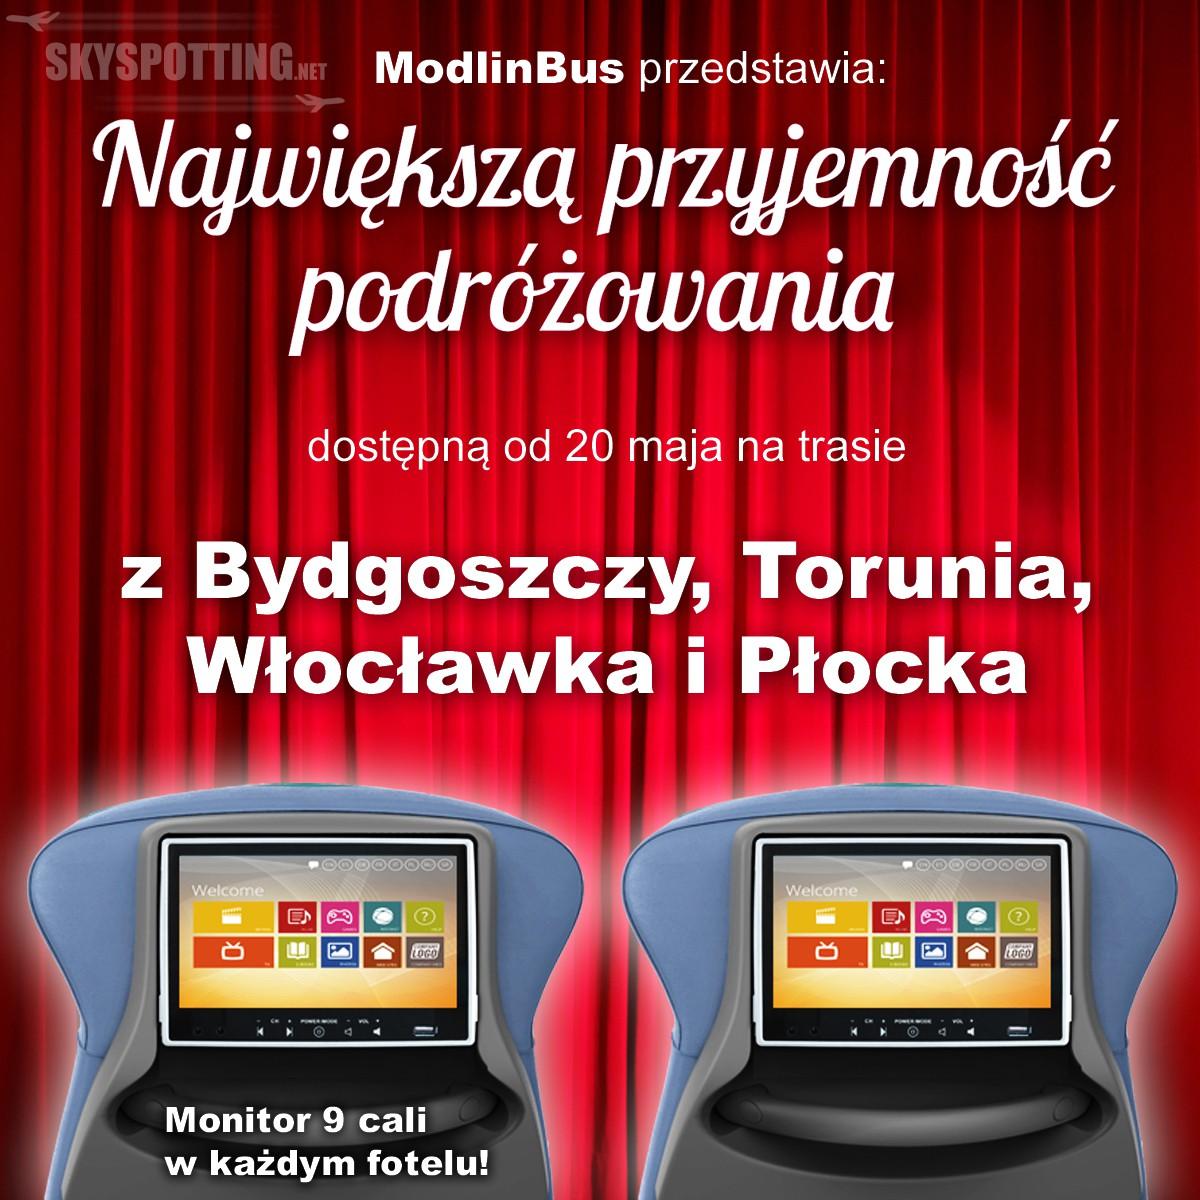 Nowa trasa ModlinBus – z Bydgoszczy do Warszawy na lotnisko w Modlinie oraz Okęcie